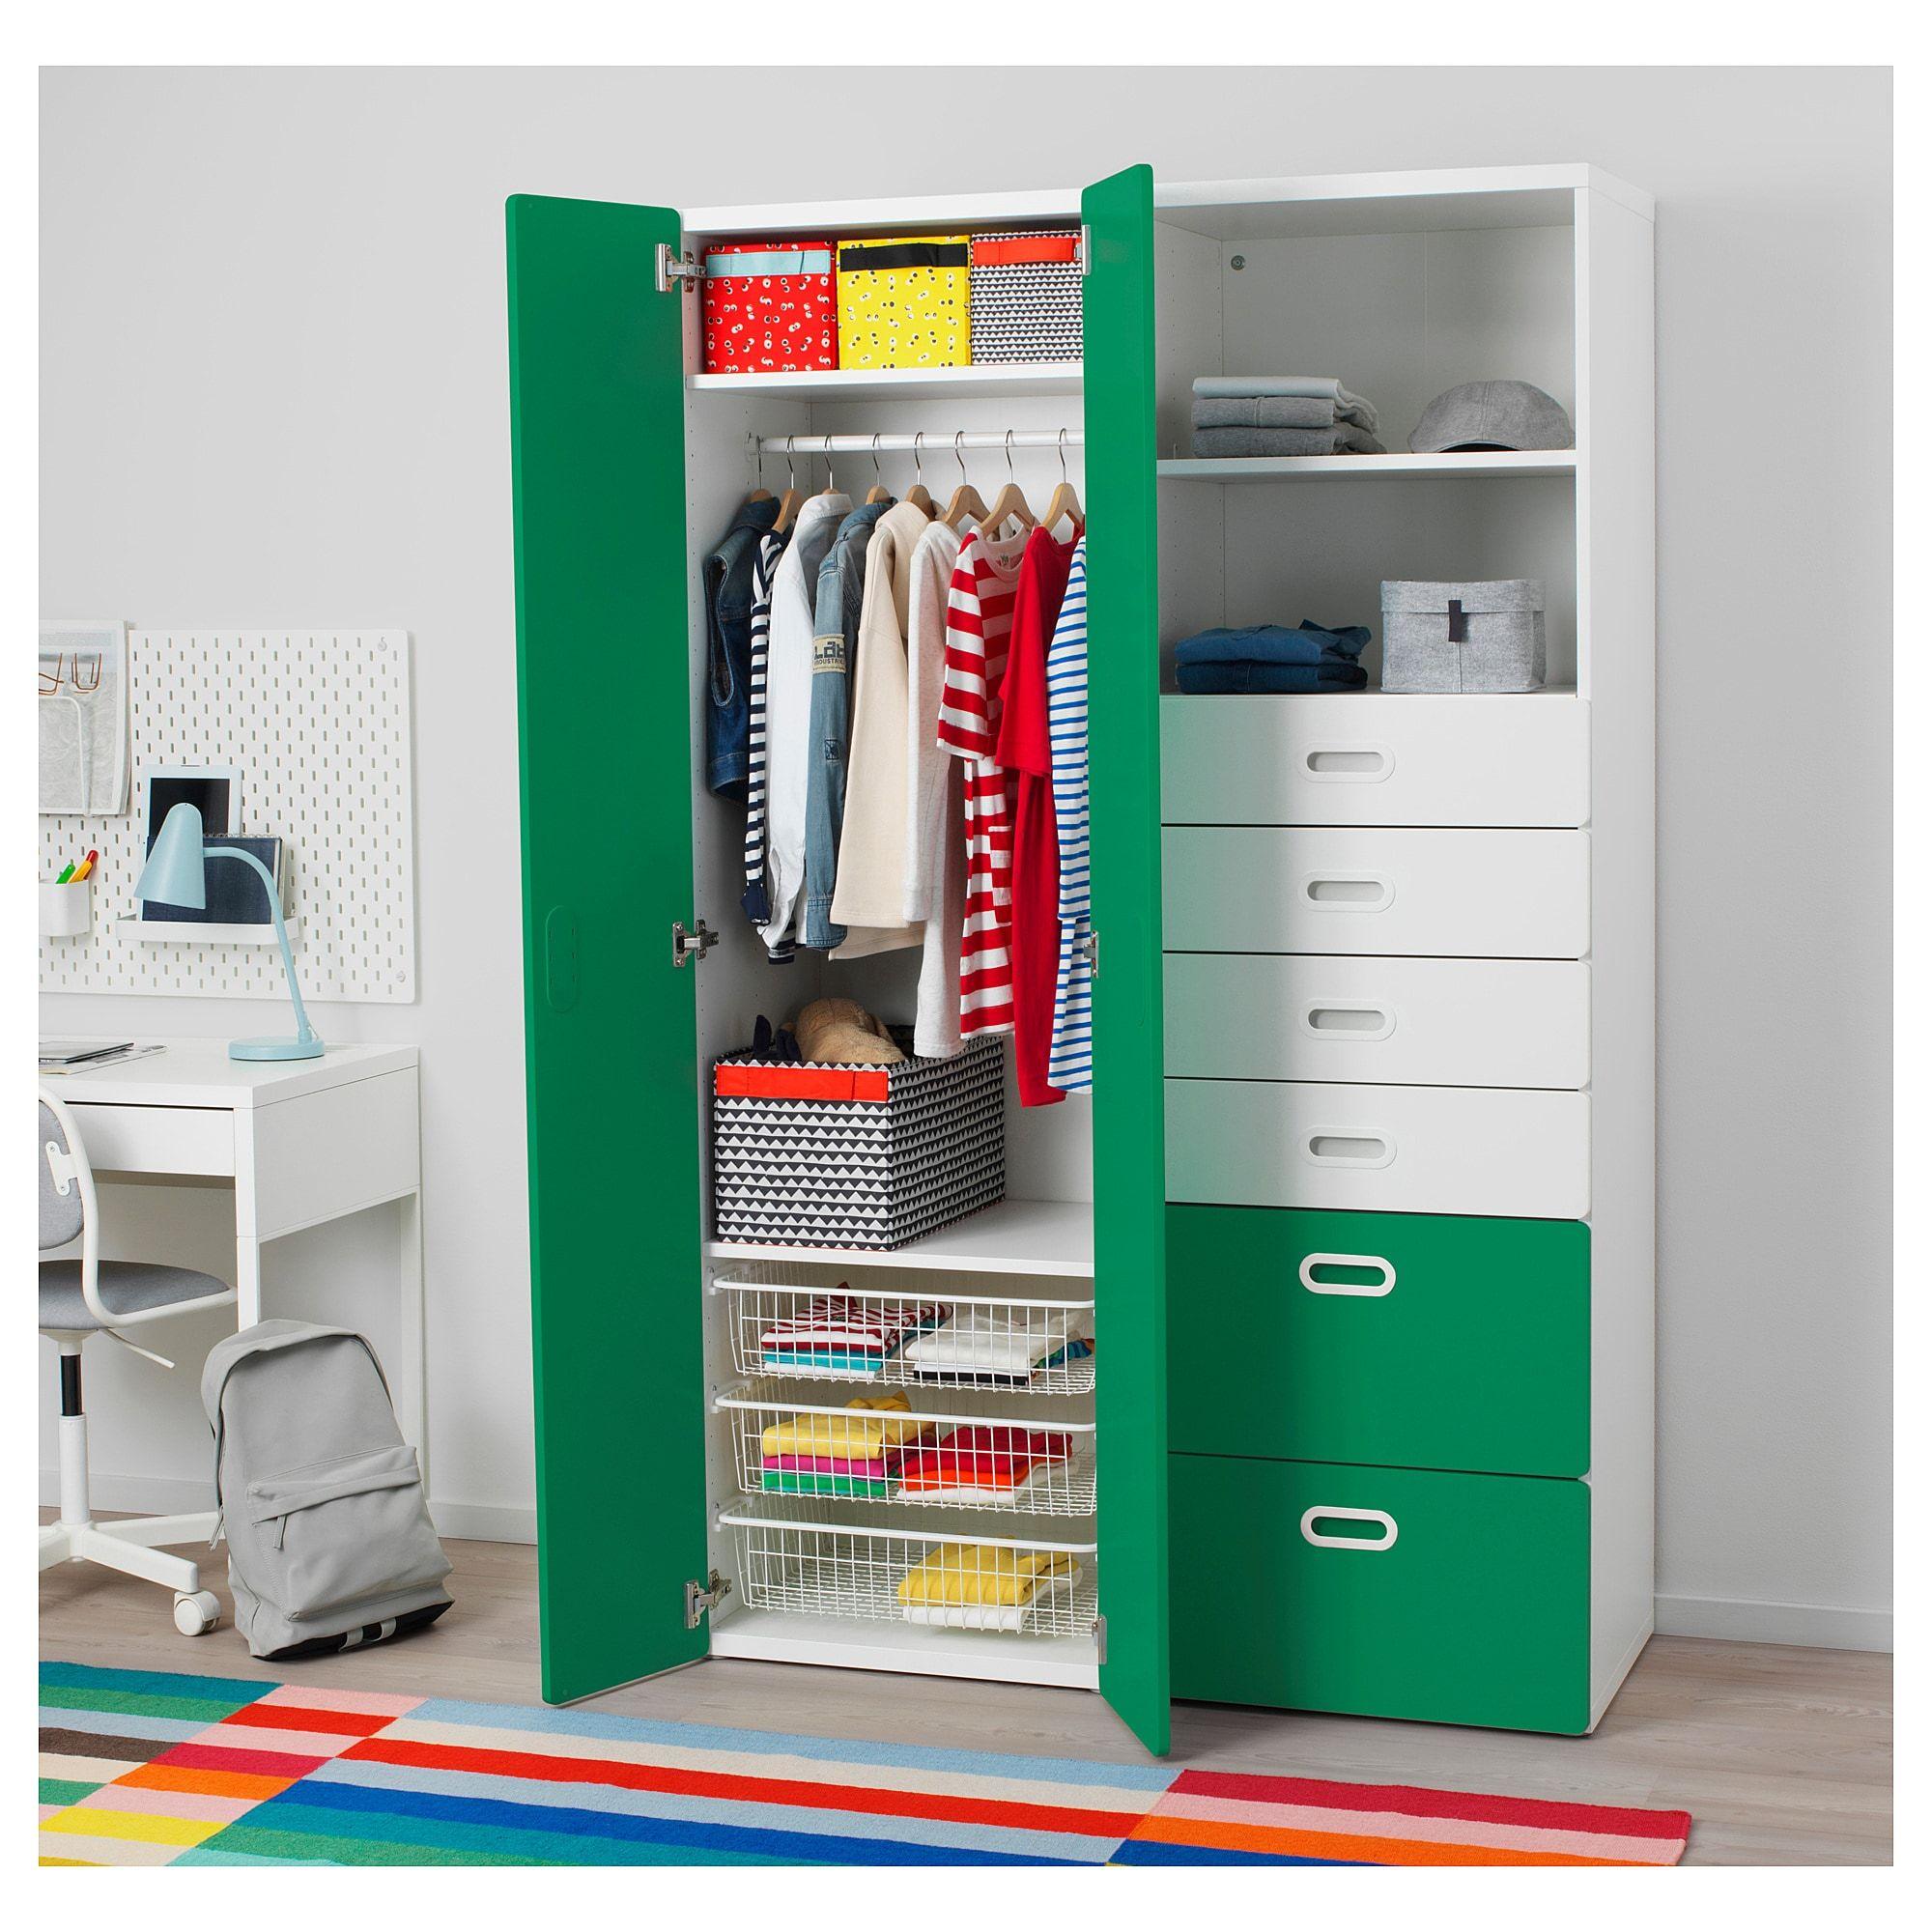 Mobili E Accessori Per L Arredamento Della Casa Guardaroba Bianco Idee Ikea Organizzare La Camera Dei Bambini